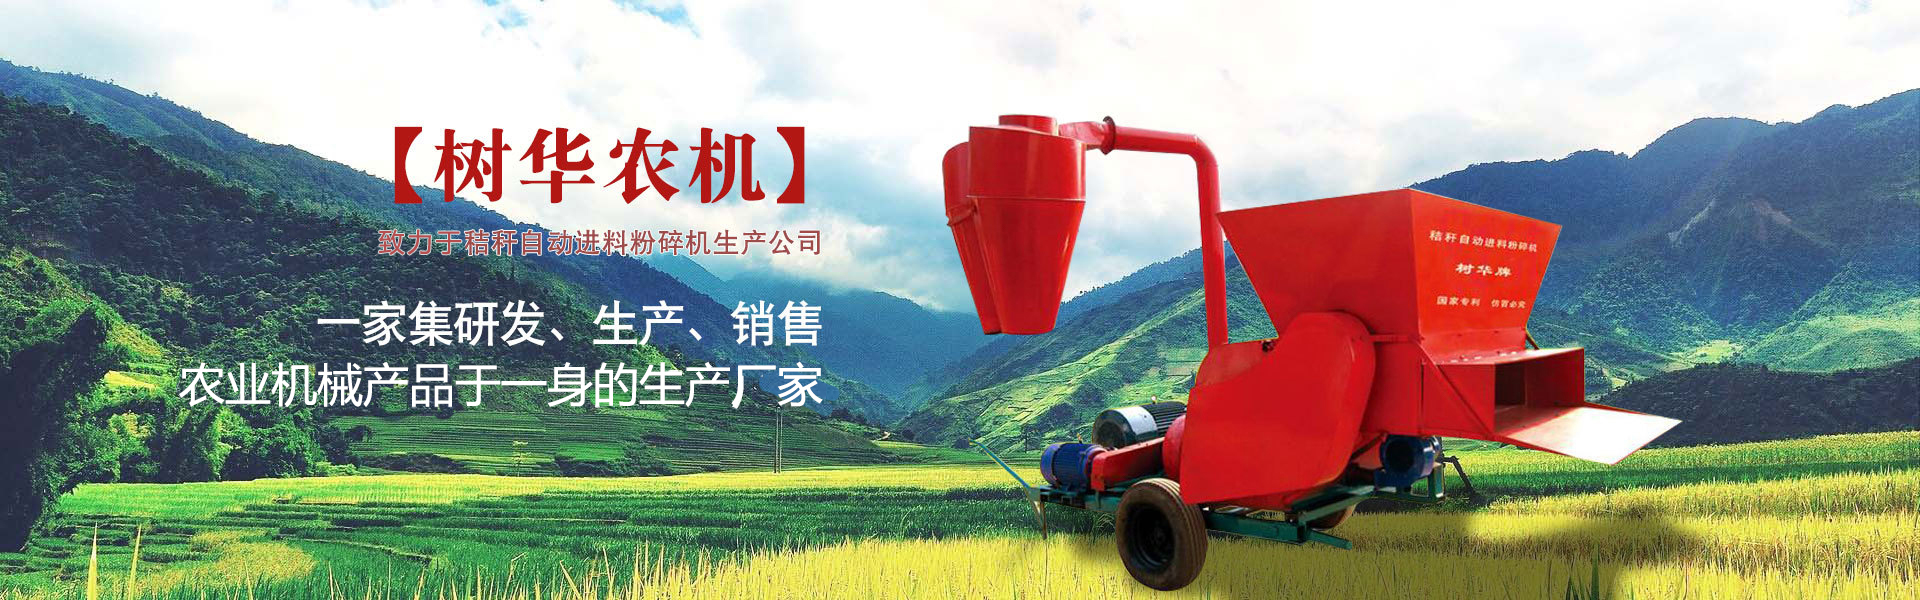 秸秆粉碎机,饲料加工设备,秸秆粉碎机厂家,山东秸秆粉碎机